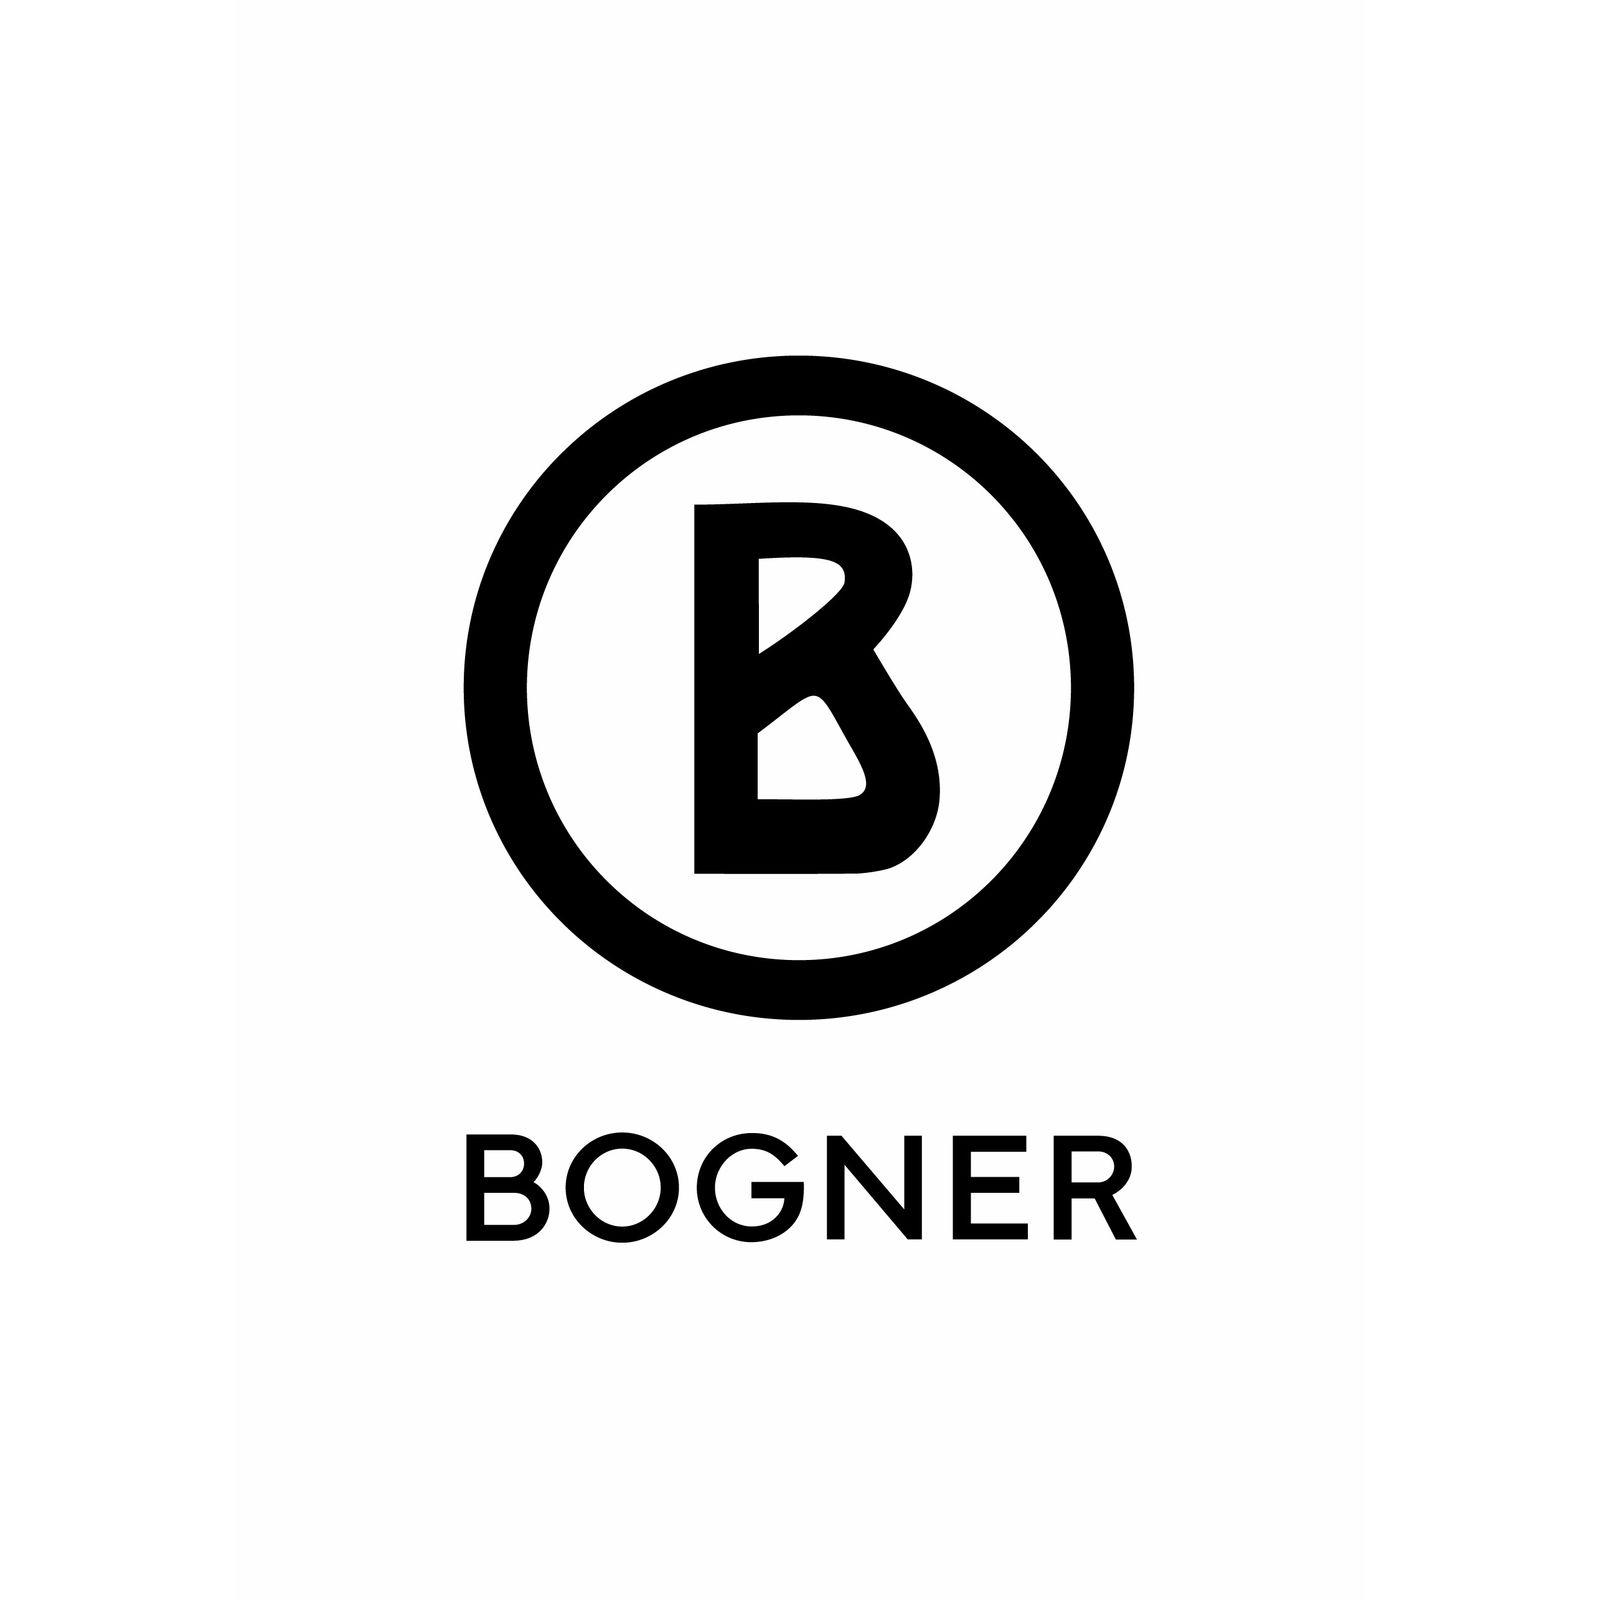 BOGNER (Image 1)